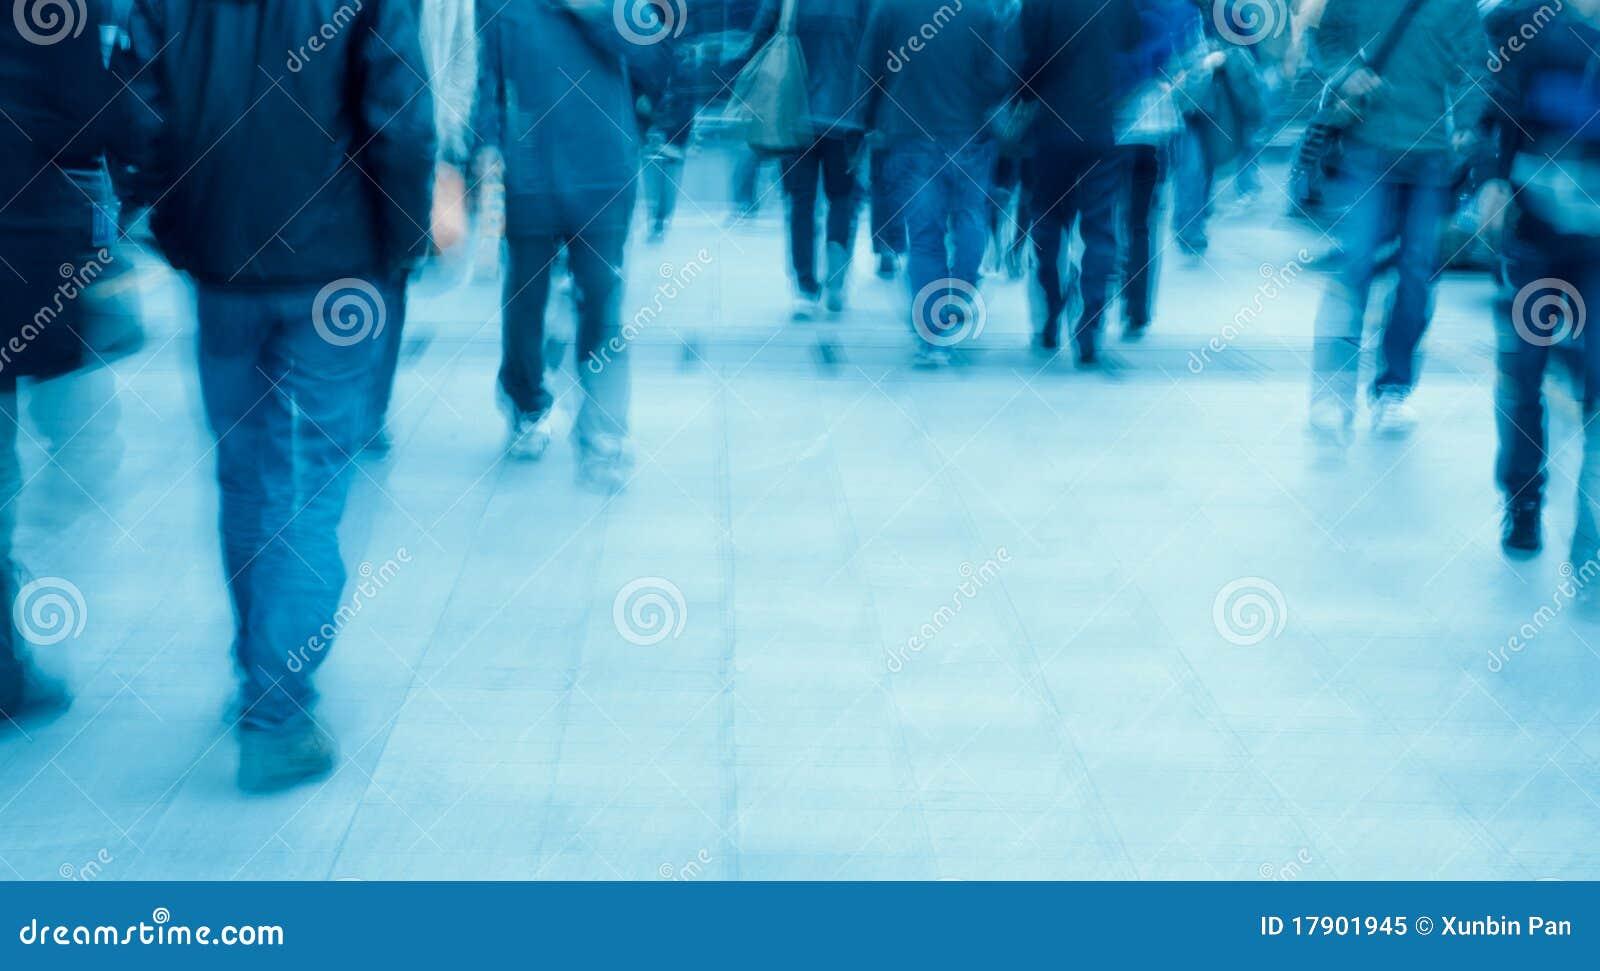 Ludzie uliczni